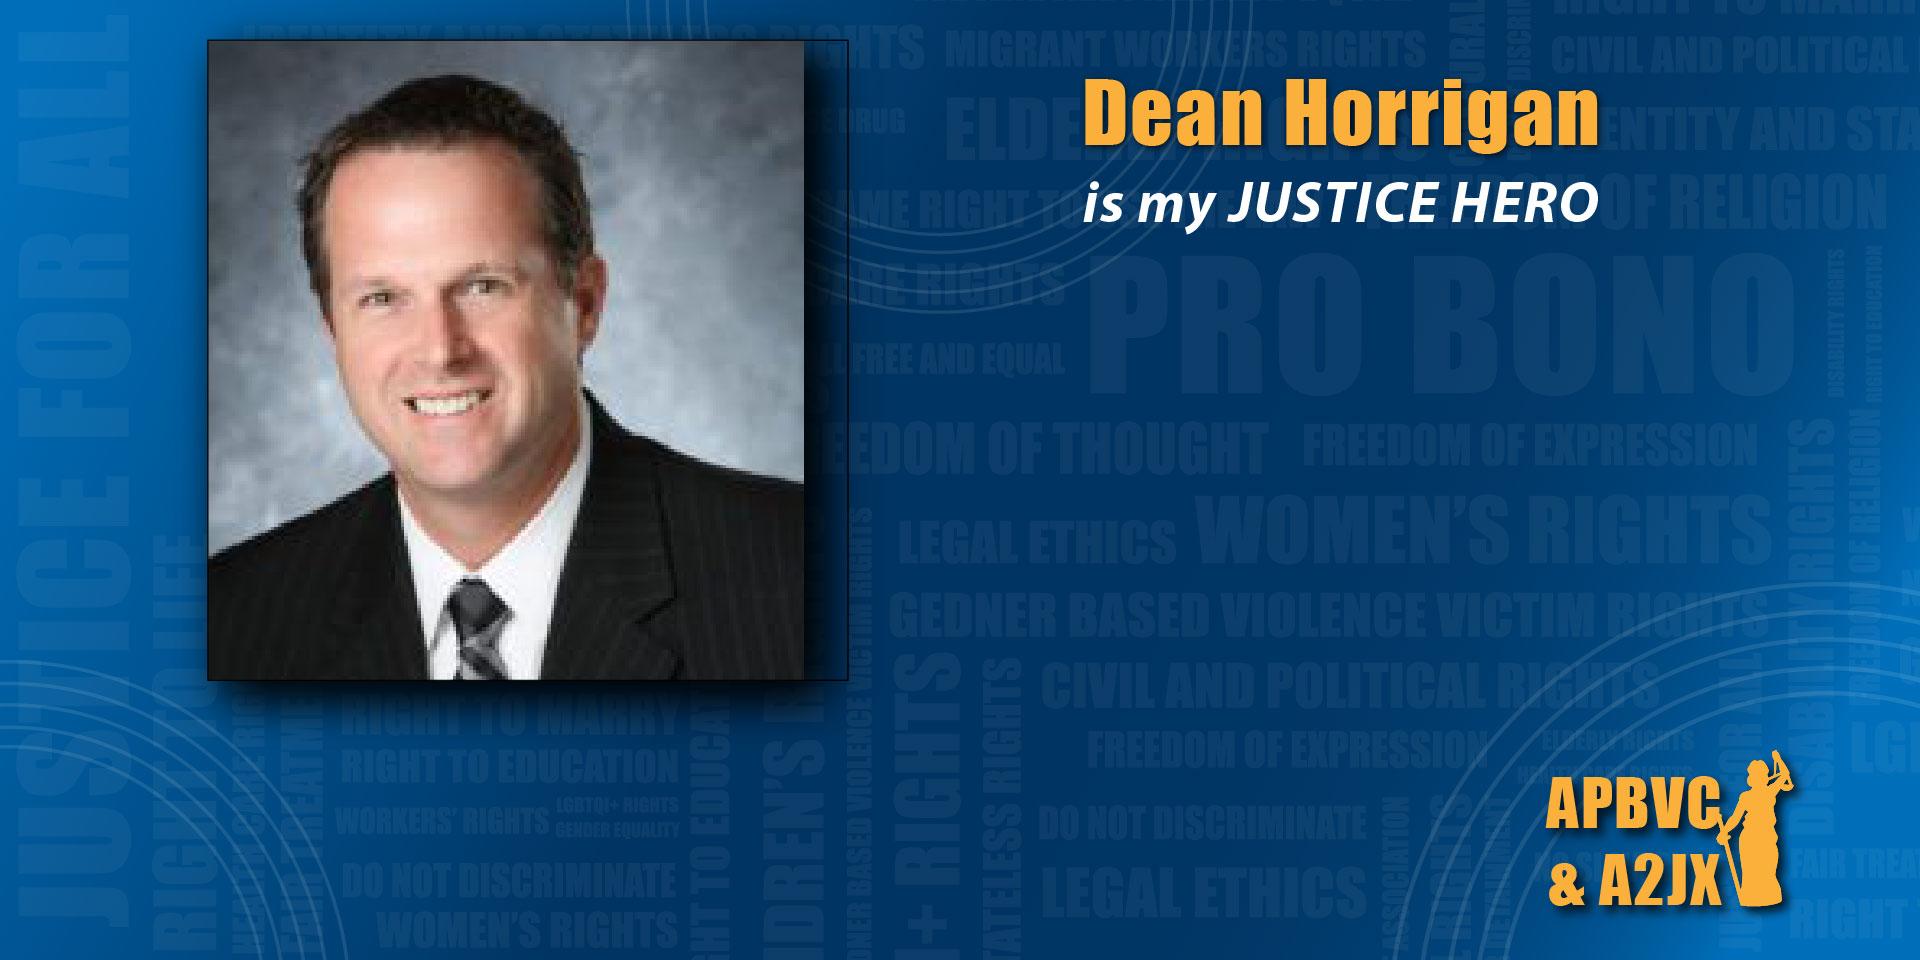 Dean Horrigan